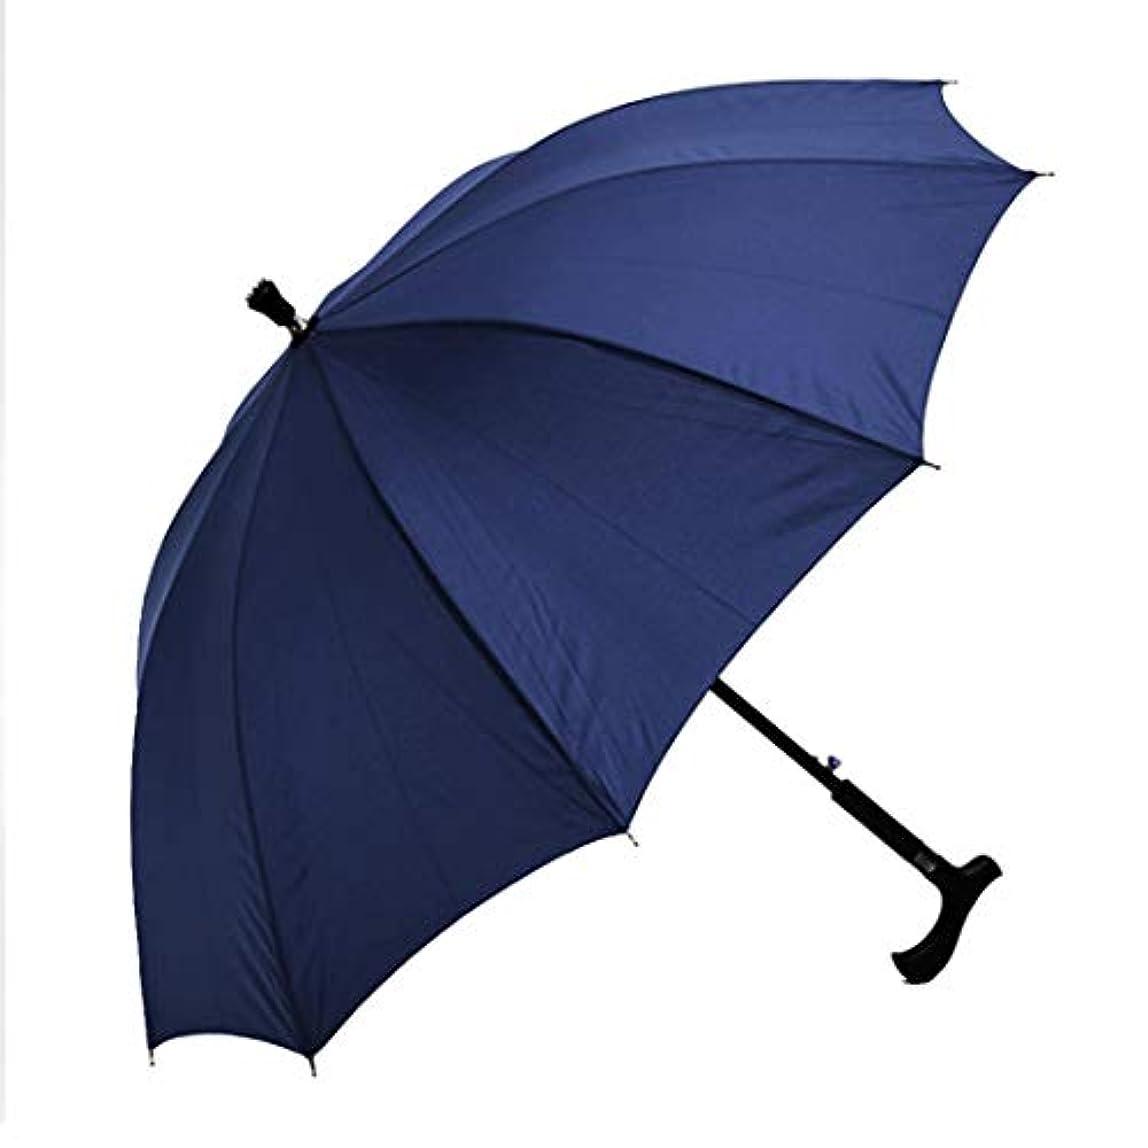 社会主義者無駄だ優雅comentrisyz 2-in-1 クライミング ハイキング スティック 松葉杖 防風雨 サン 傘 - ブルー